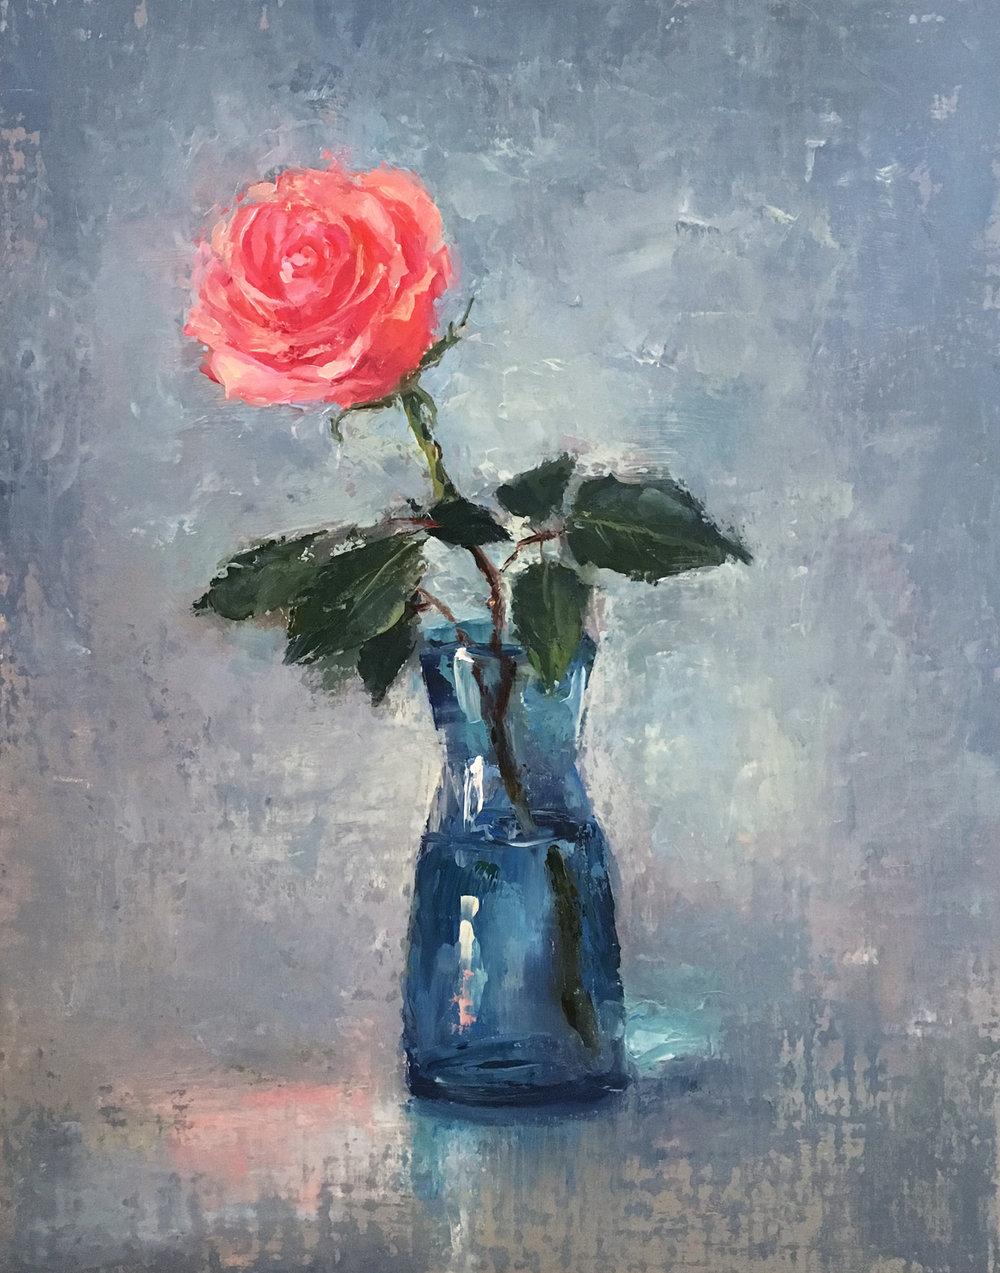 Rose 11x14 Oil on linen board